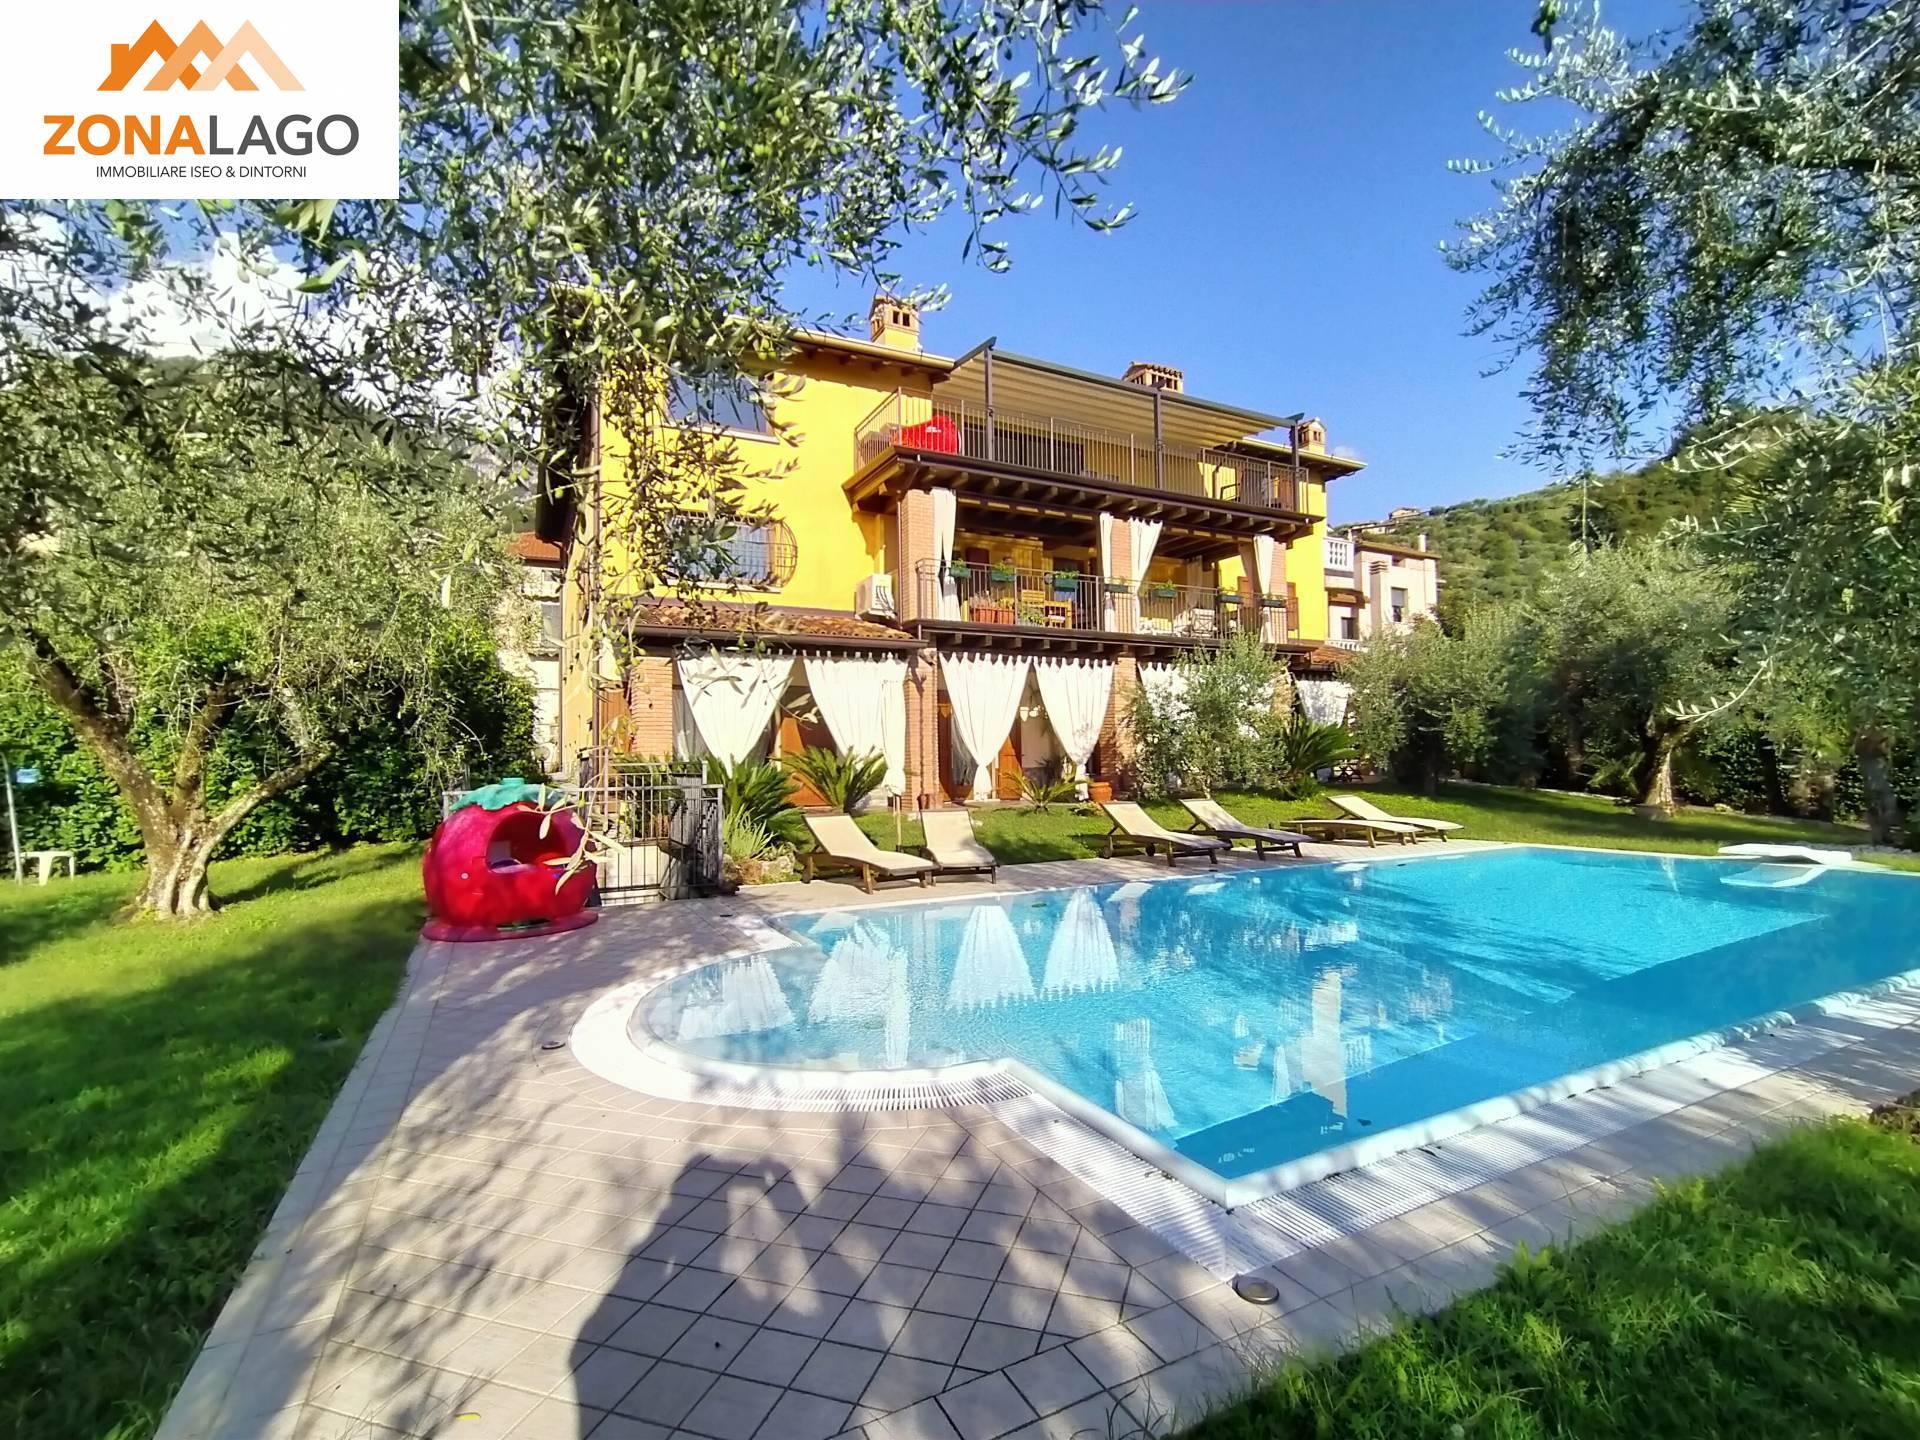 Appartamento in vendita a Marone, 3 locali, zona Località: Centro/centrostorico, prezzo € 285.000 | PortaleAgenzieImmobiliari.it